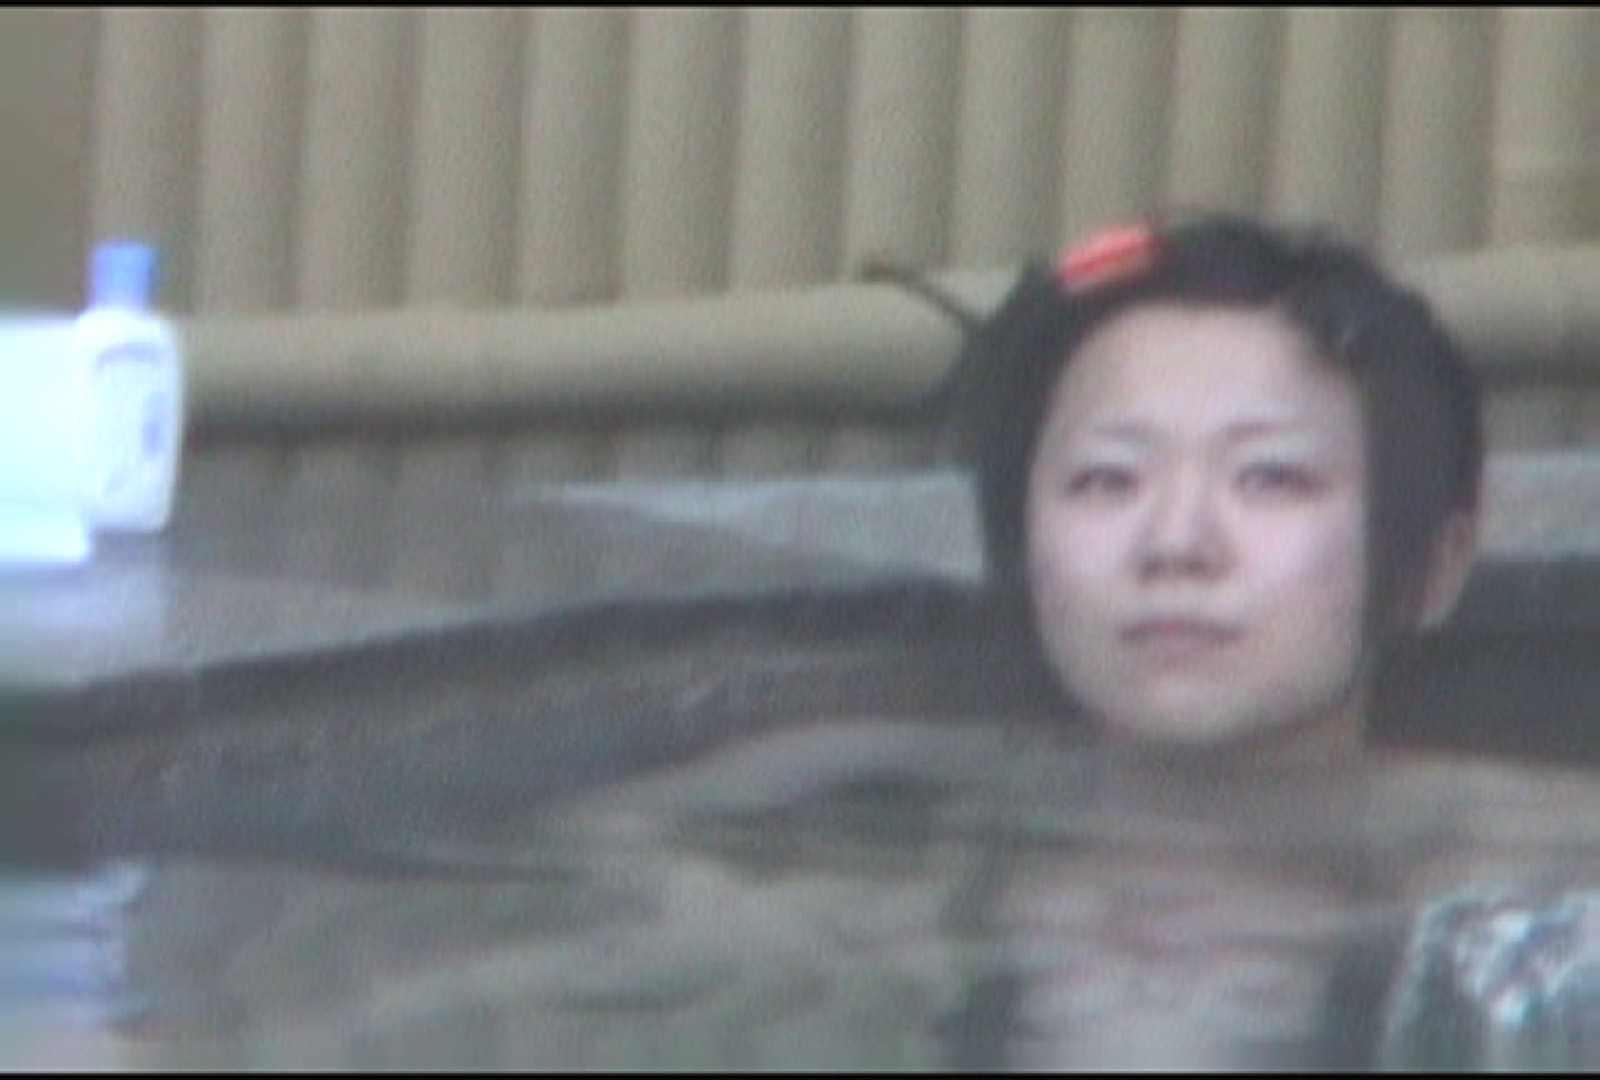 Aquaな露天風呂Vol.175 OLセックス 盗み撮りAV無料動画キャプチャ 77画像 32